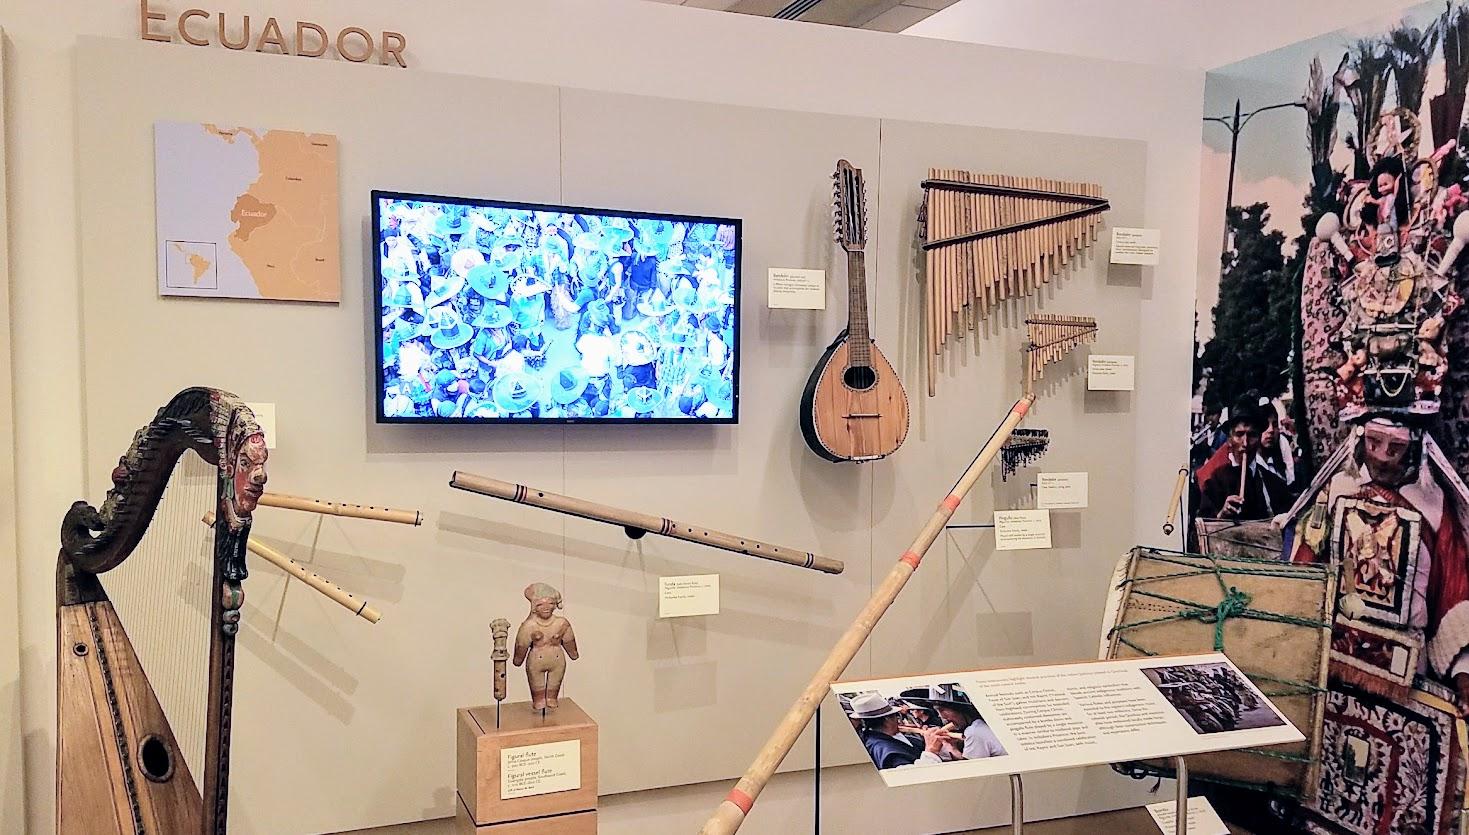 Music Instrument Museum (MIM) Geographic galleries, music instruments of Ecuador